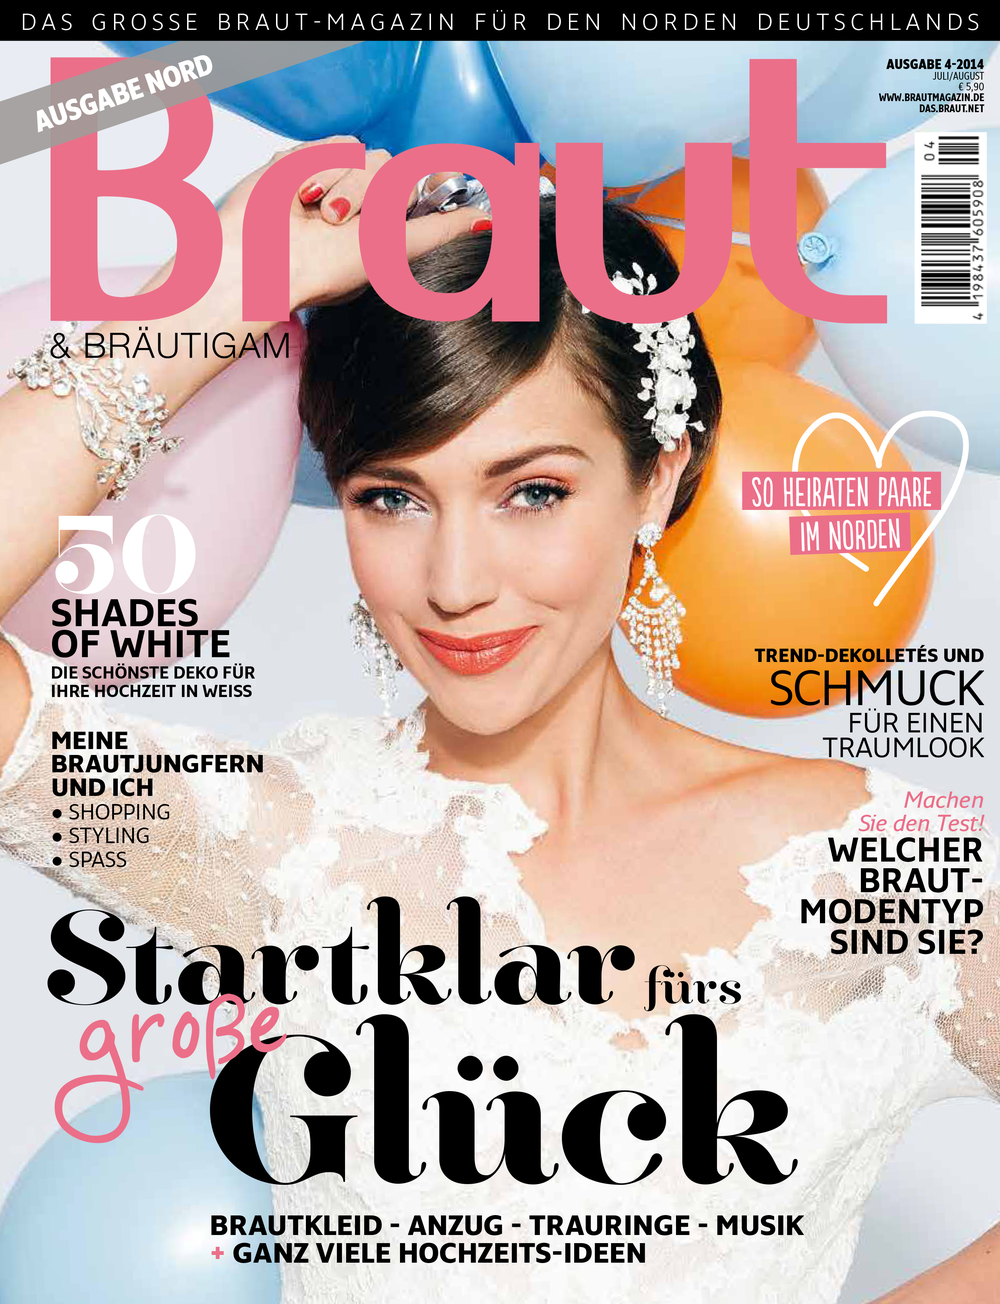 2014.07.xx Braut & Bräutigam-1.jpg